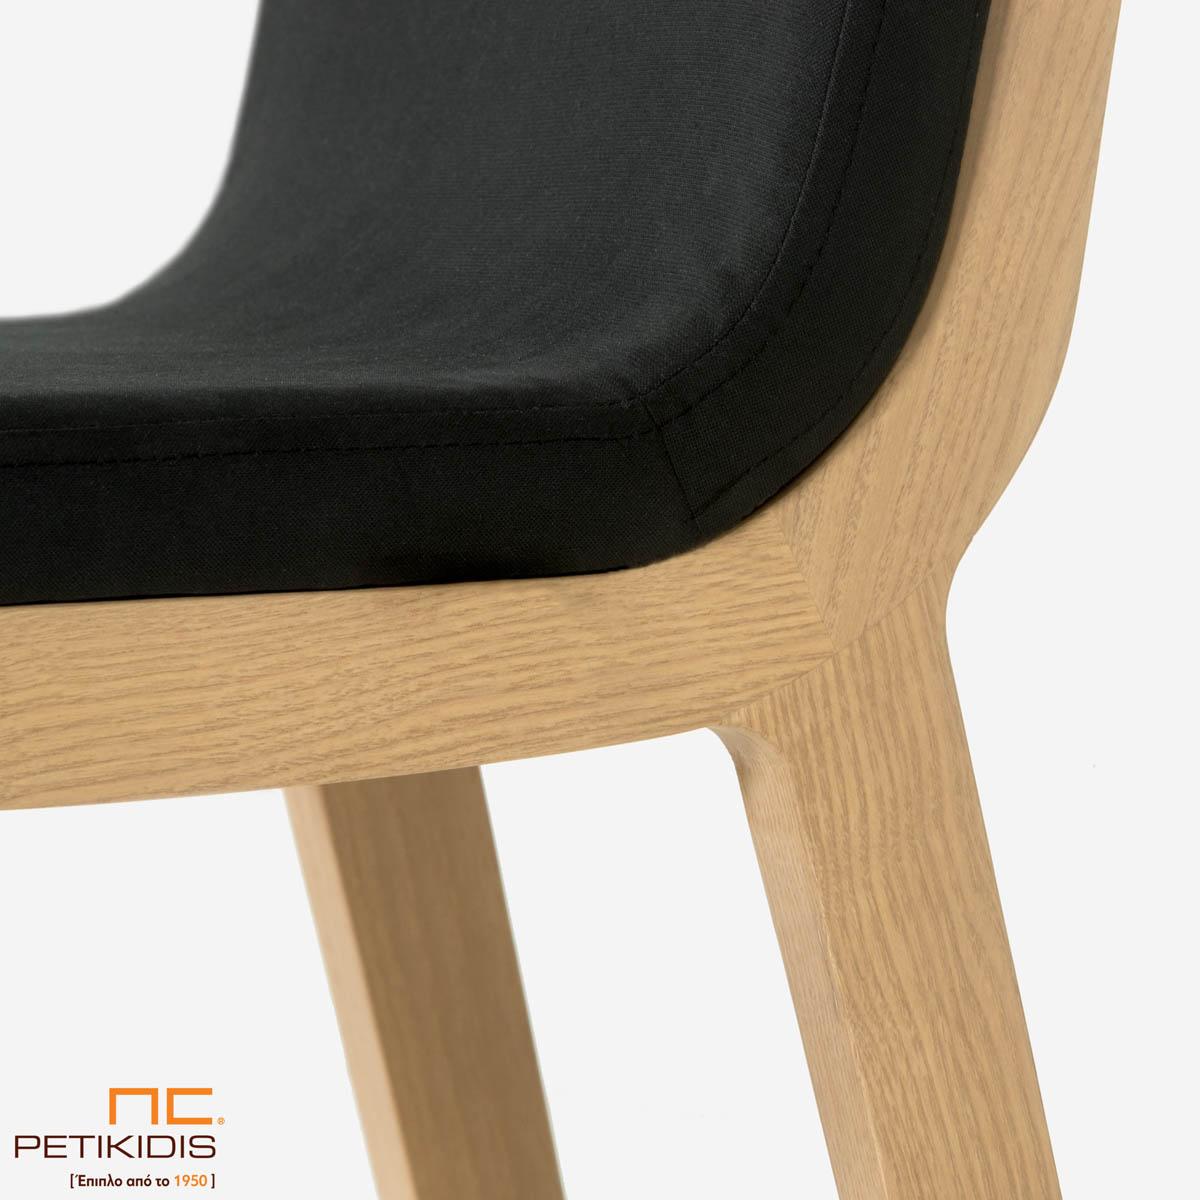 Σκαμπό Irida. Κατασκευάζεται σε δύο ύψη καθίσματος από μασίφ ξύλο. Το ύφασμα είναι σκούρο γκρι αδιάβροχο και αλέκιαστο. Λεπτομέρεια.